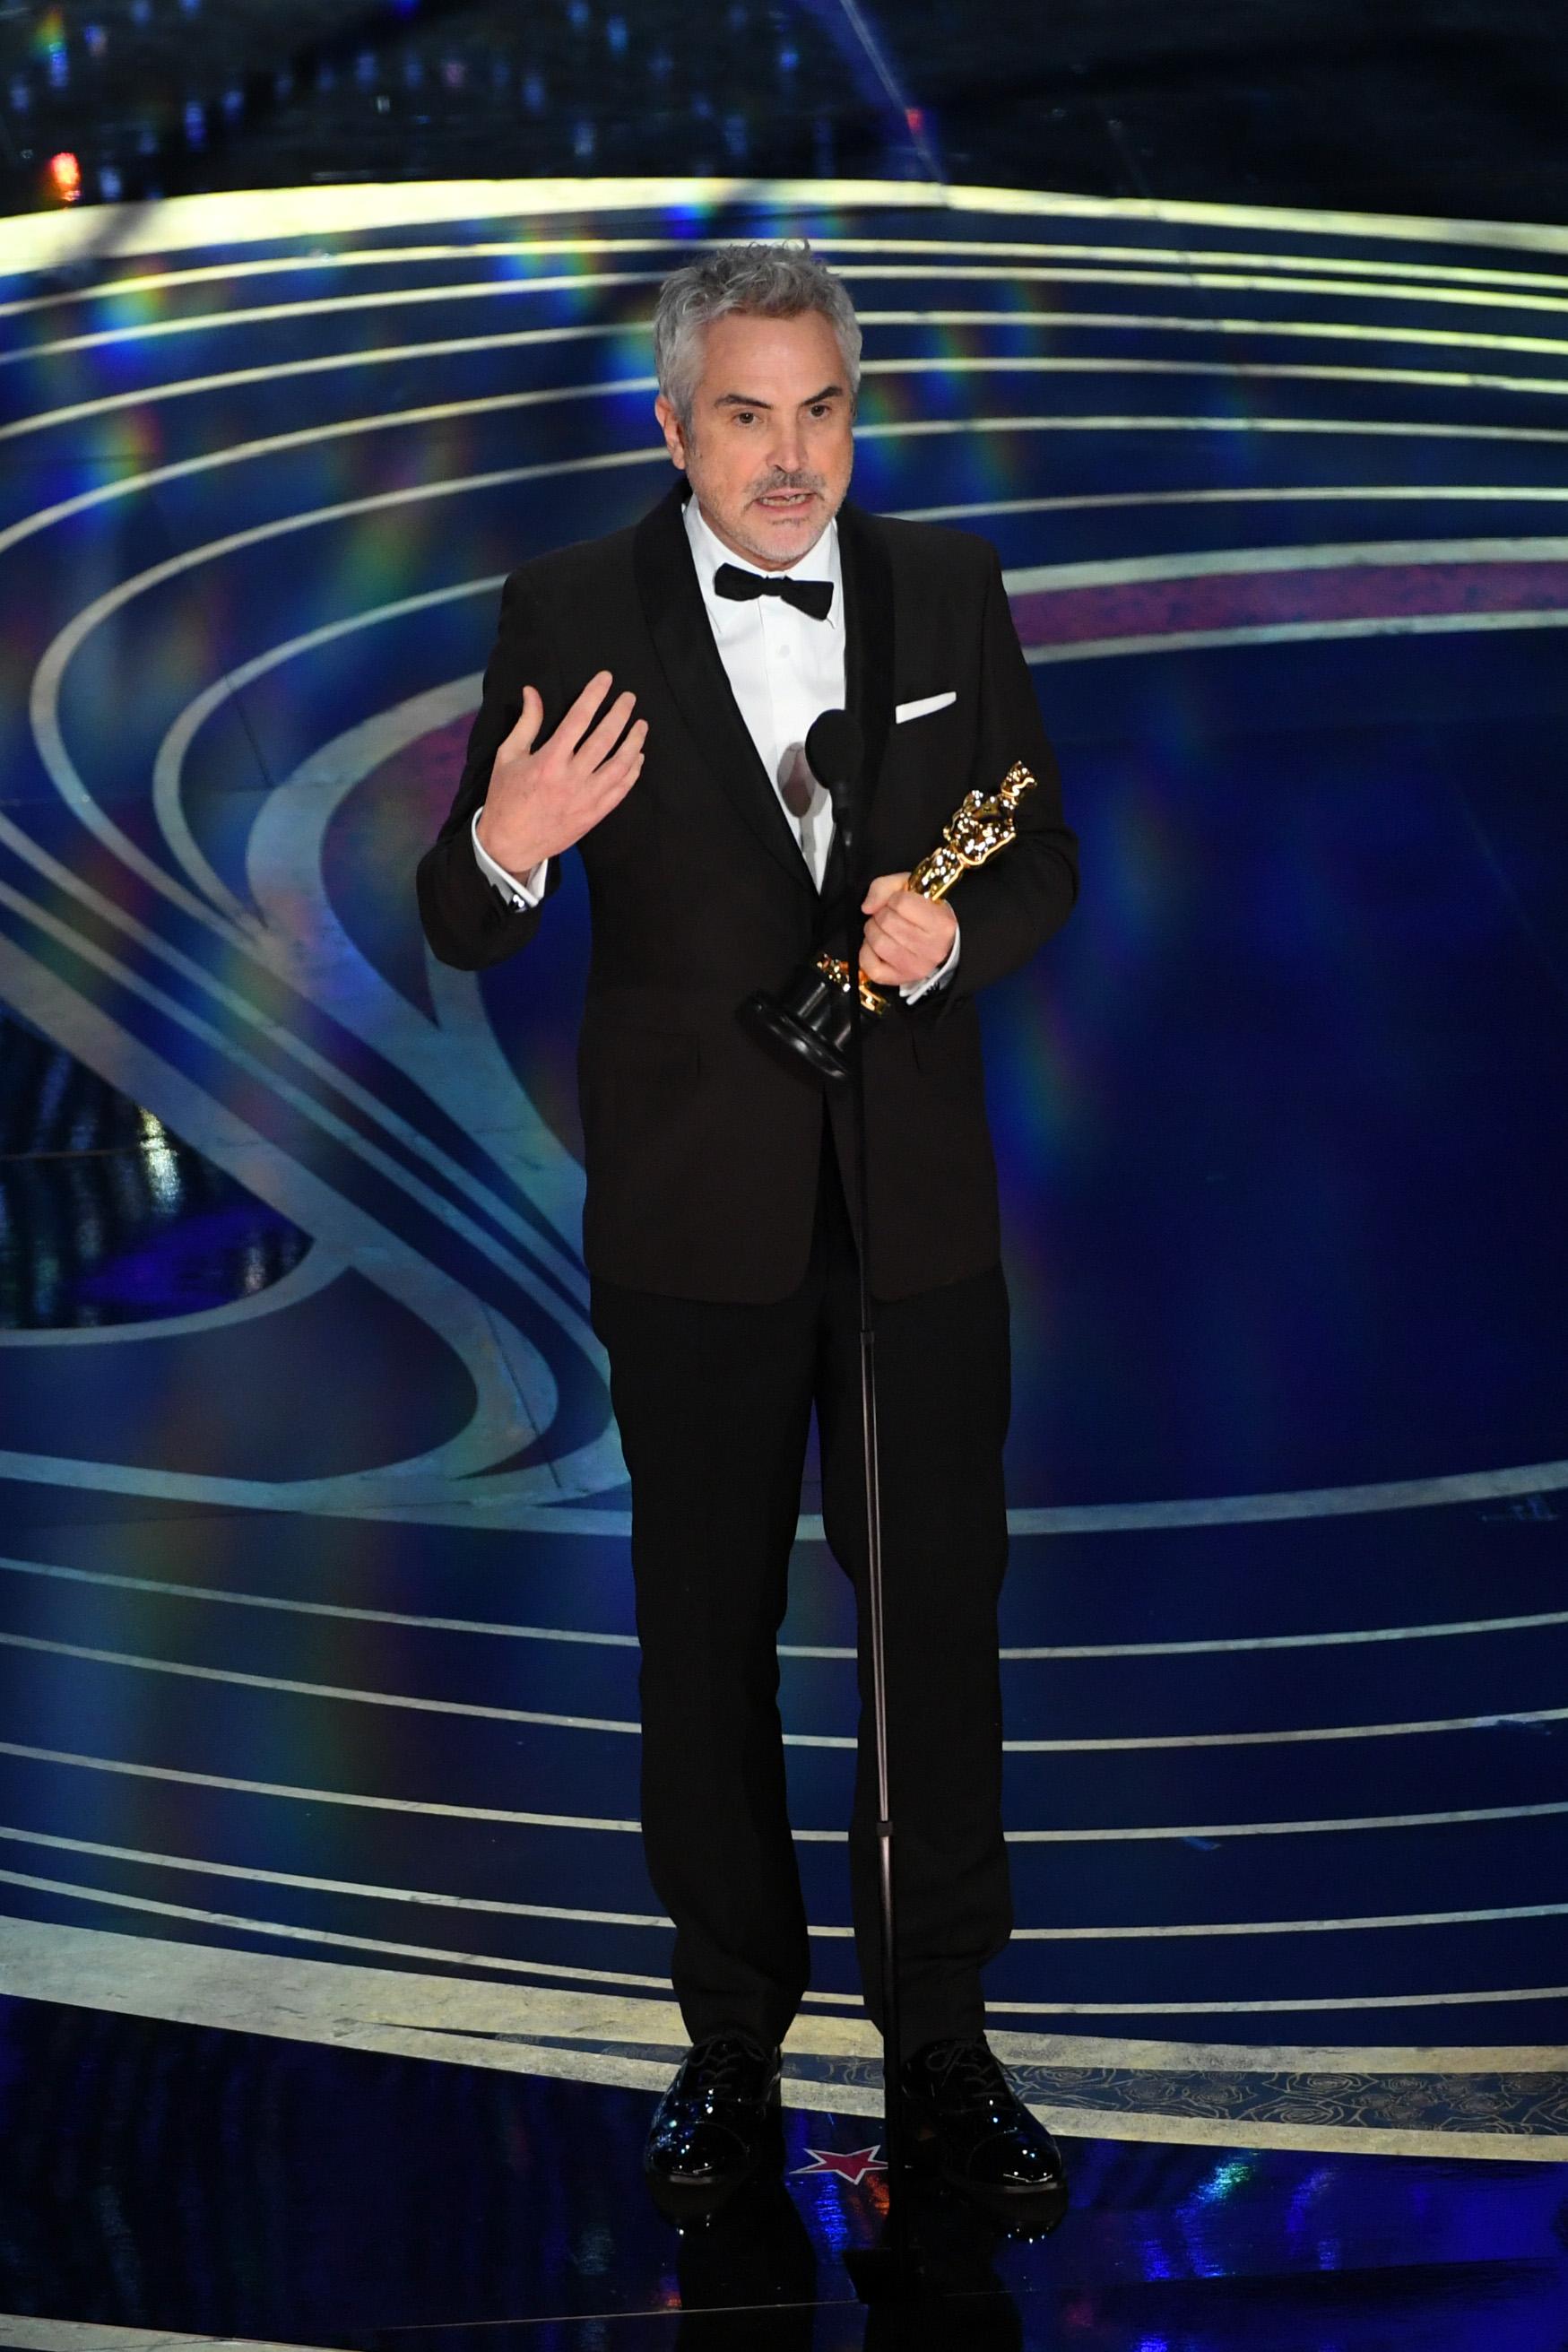 演艾方索柯朗憑《羅馬》獲得最佳導演,是他第二次獲得奧斯卡最佳導演獎。 (Kevin Winter/Getty Images)